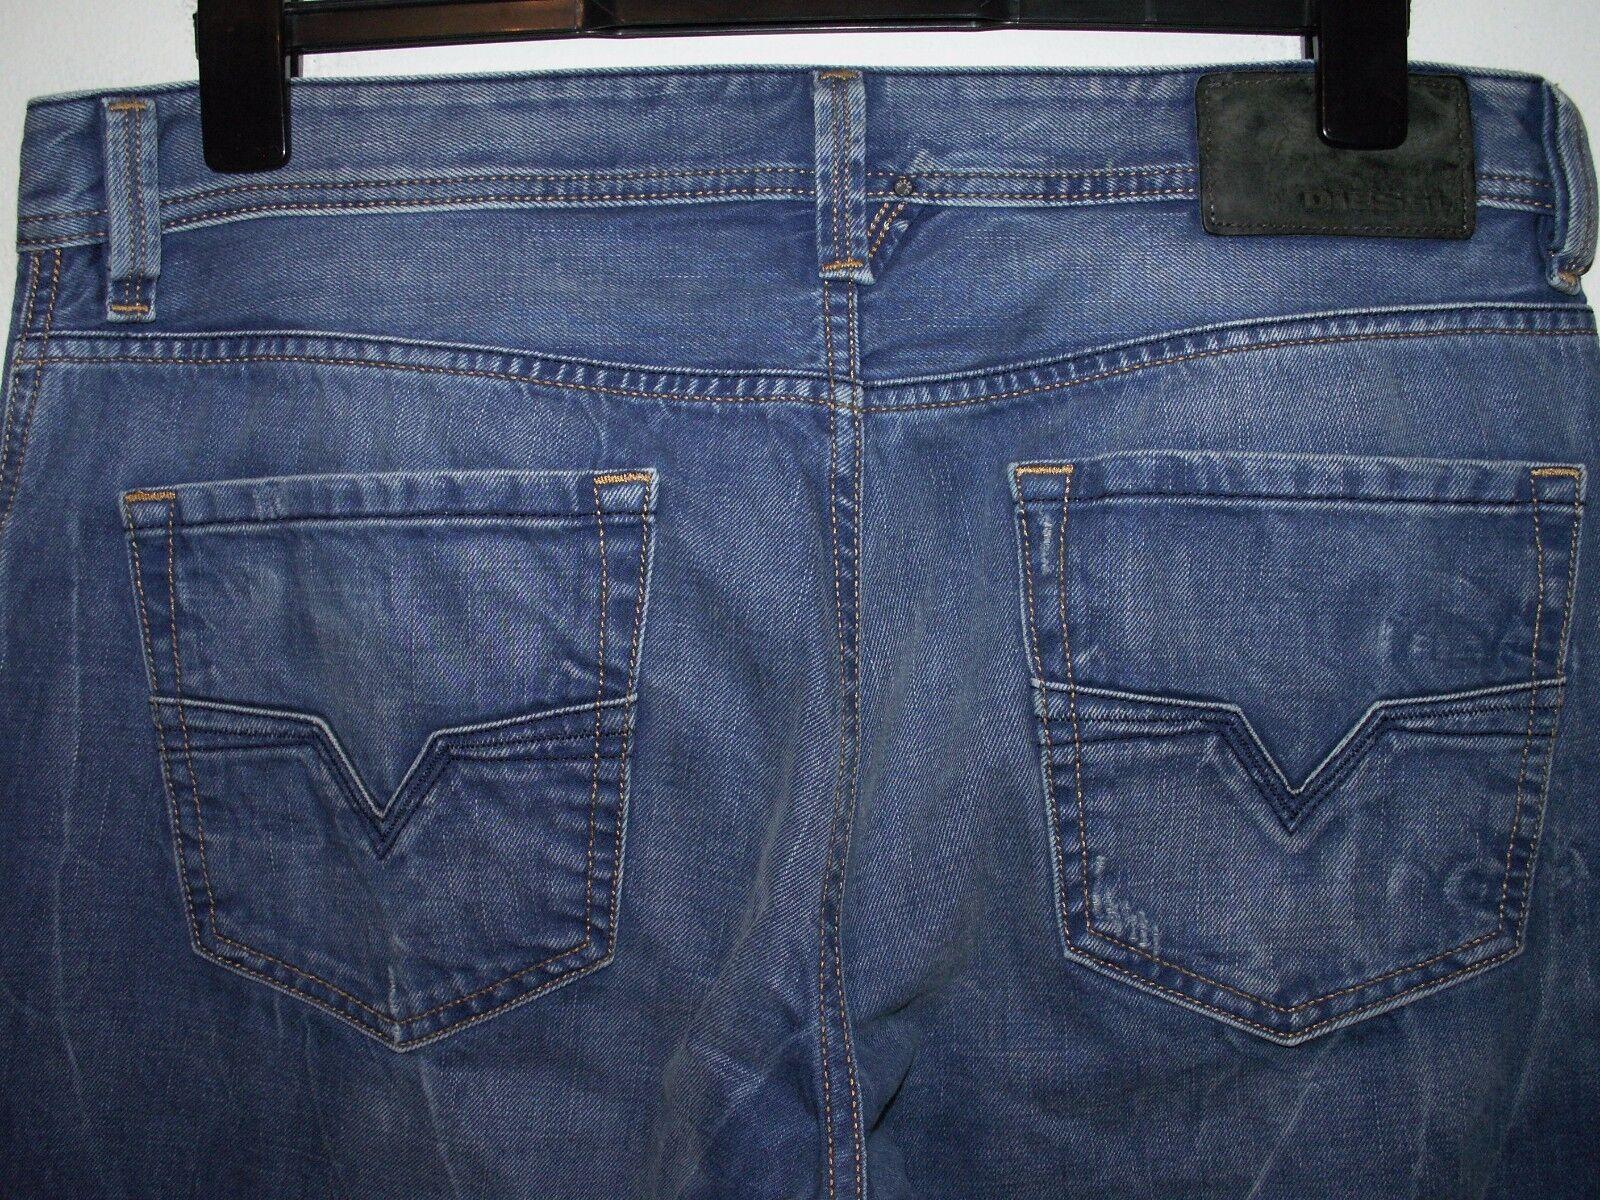 DIESEL Larkee Regular Fit Fit Fit Jeans Gamba Dritta 008PI W34 L32 (0550) 889575